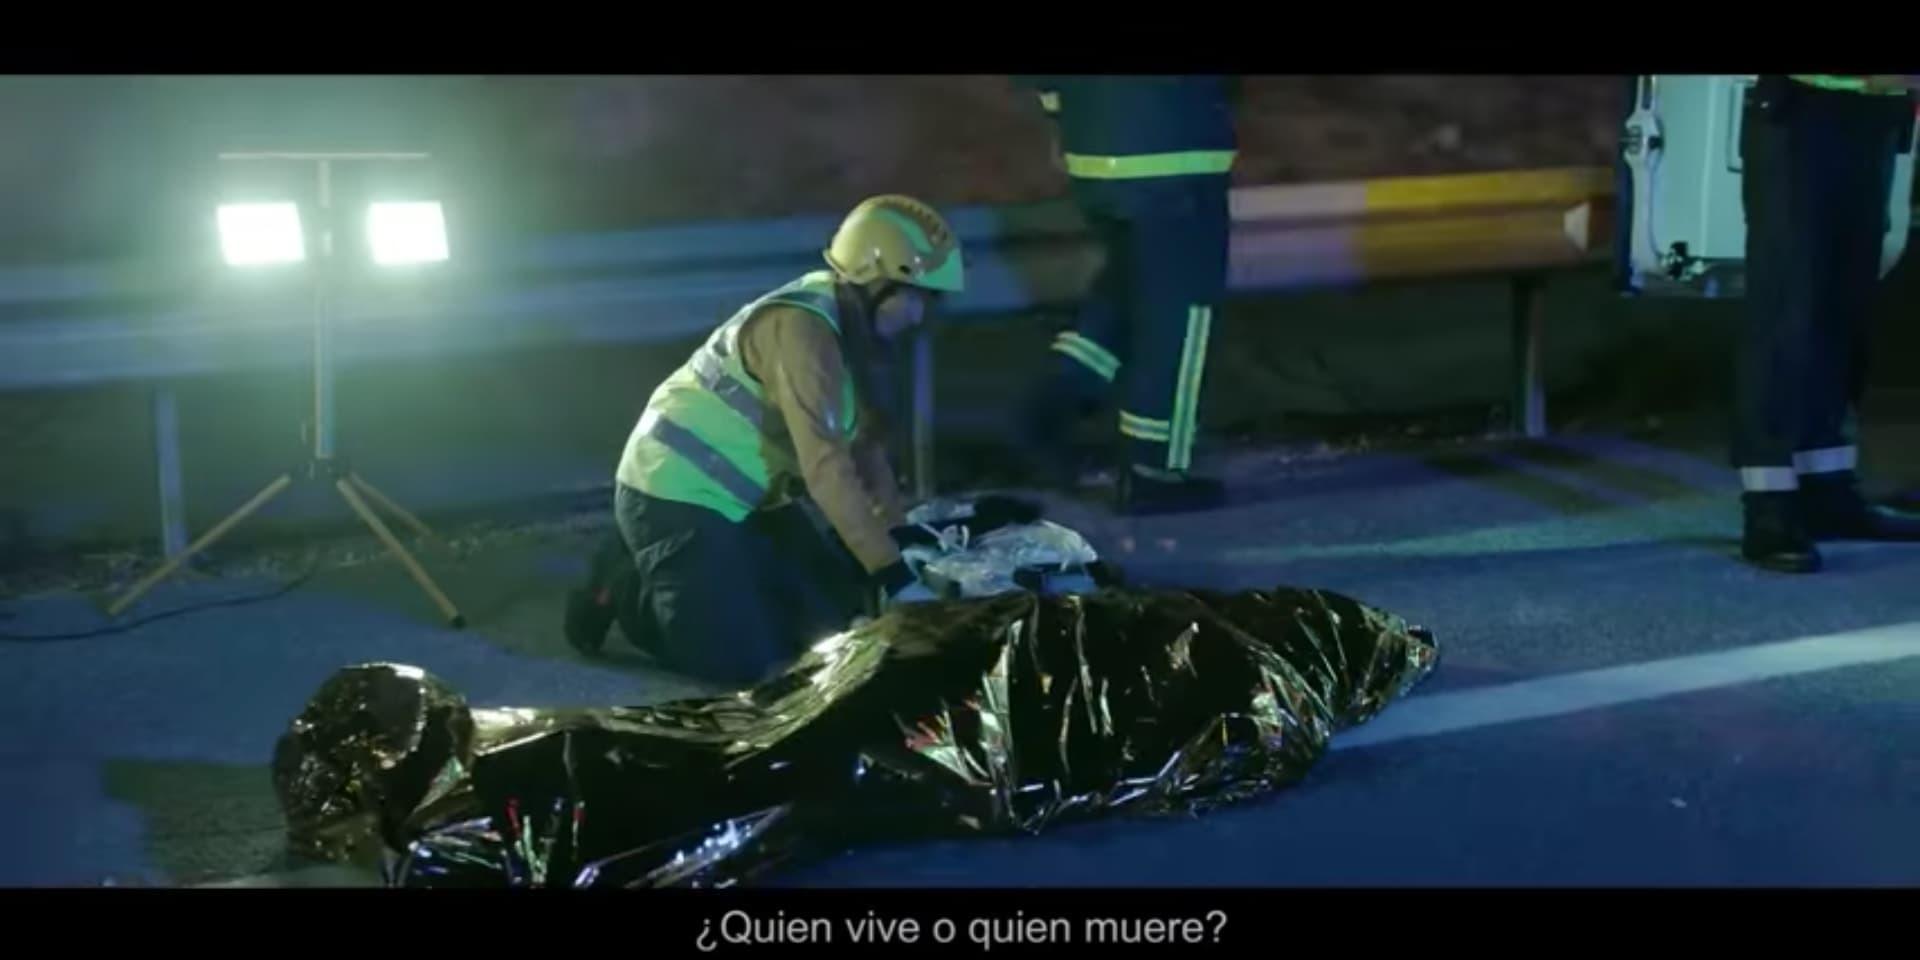 Accidente Trafico Proteger Campana Dgt